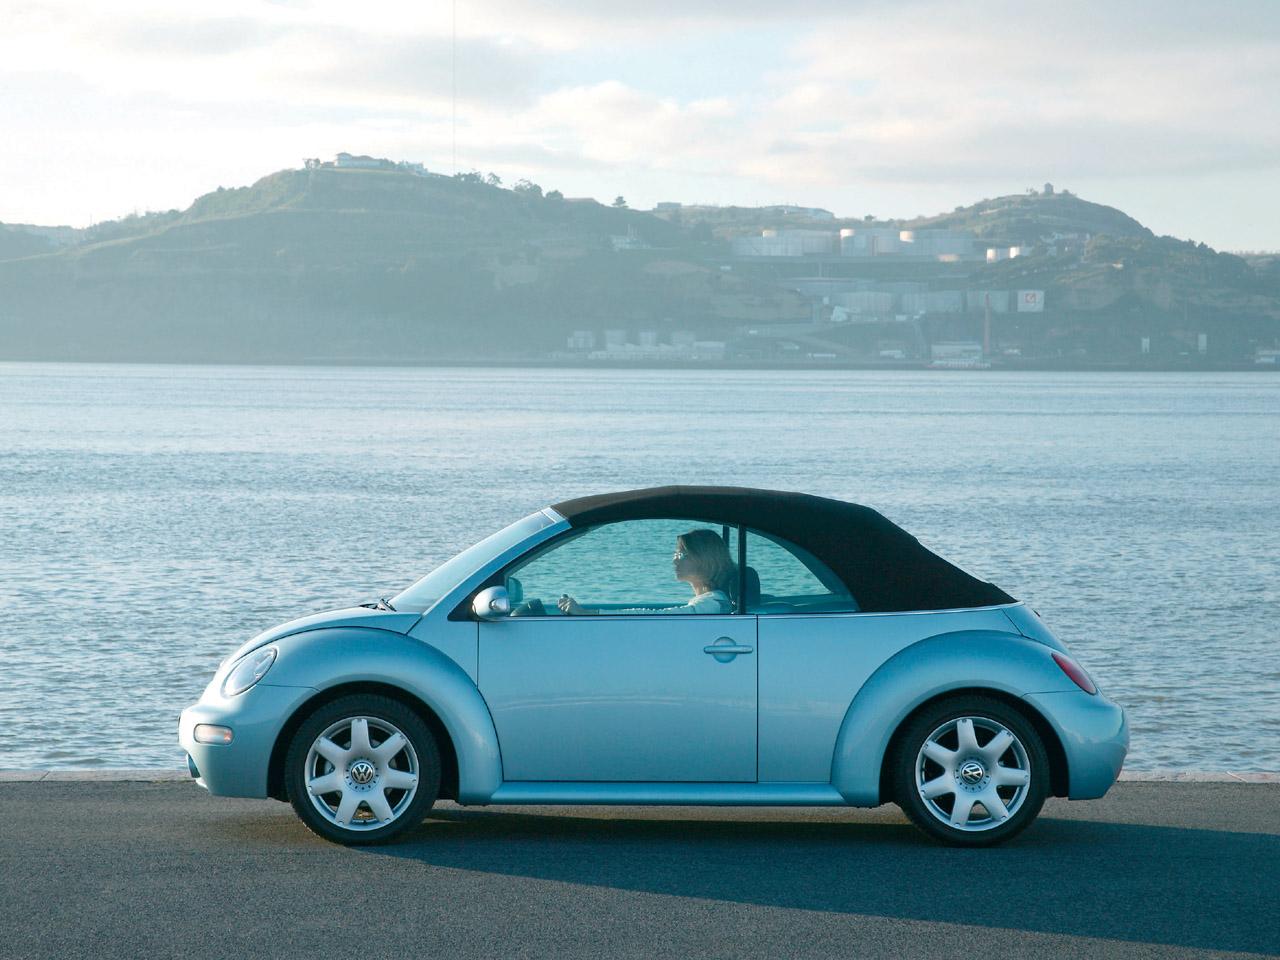 2003 Volkswagen New Beetle Image 7